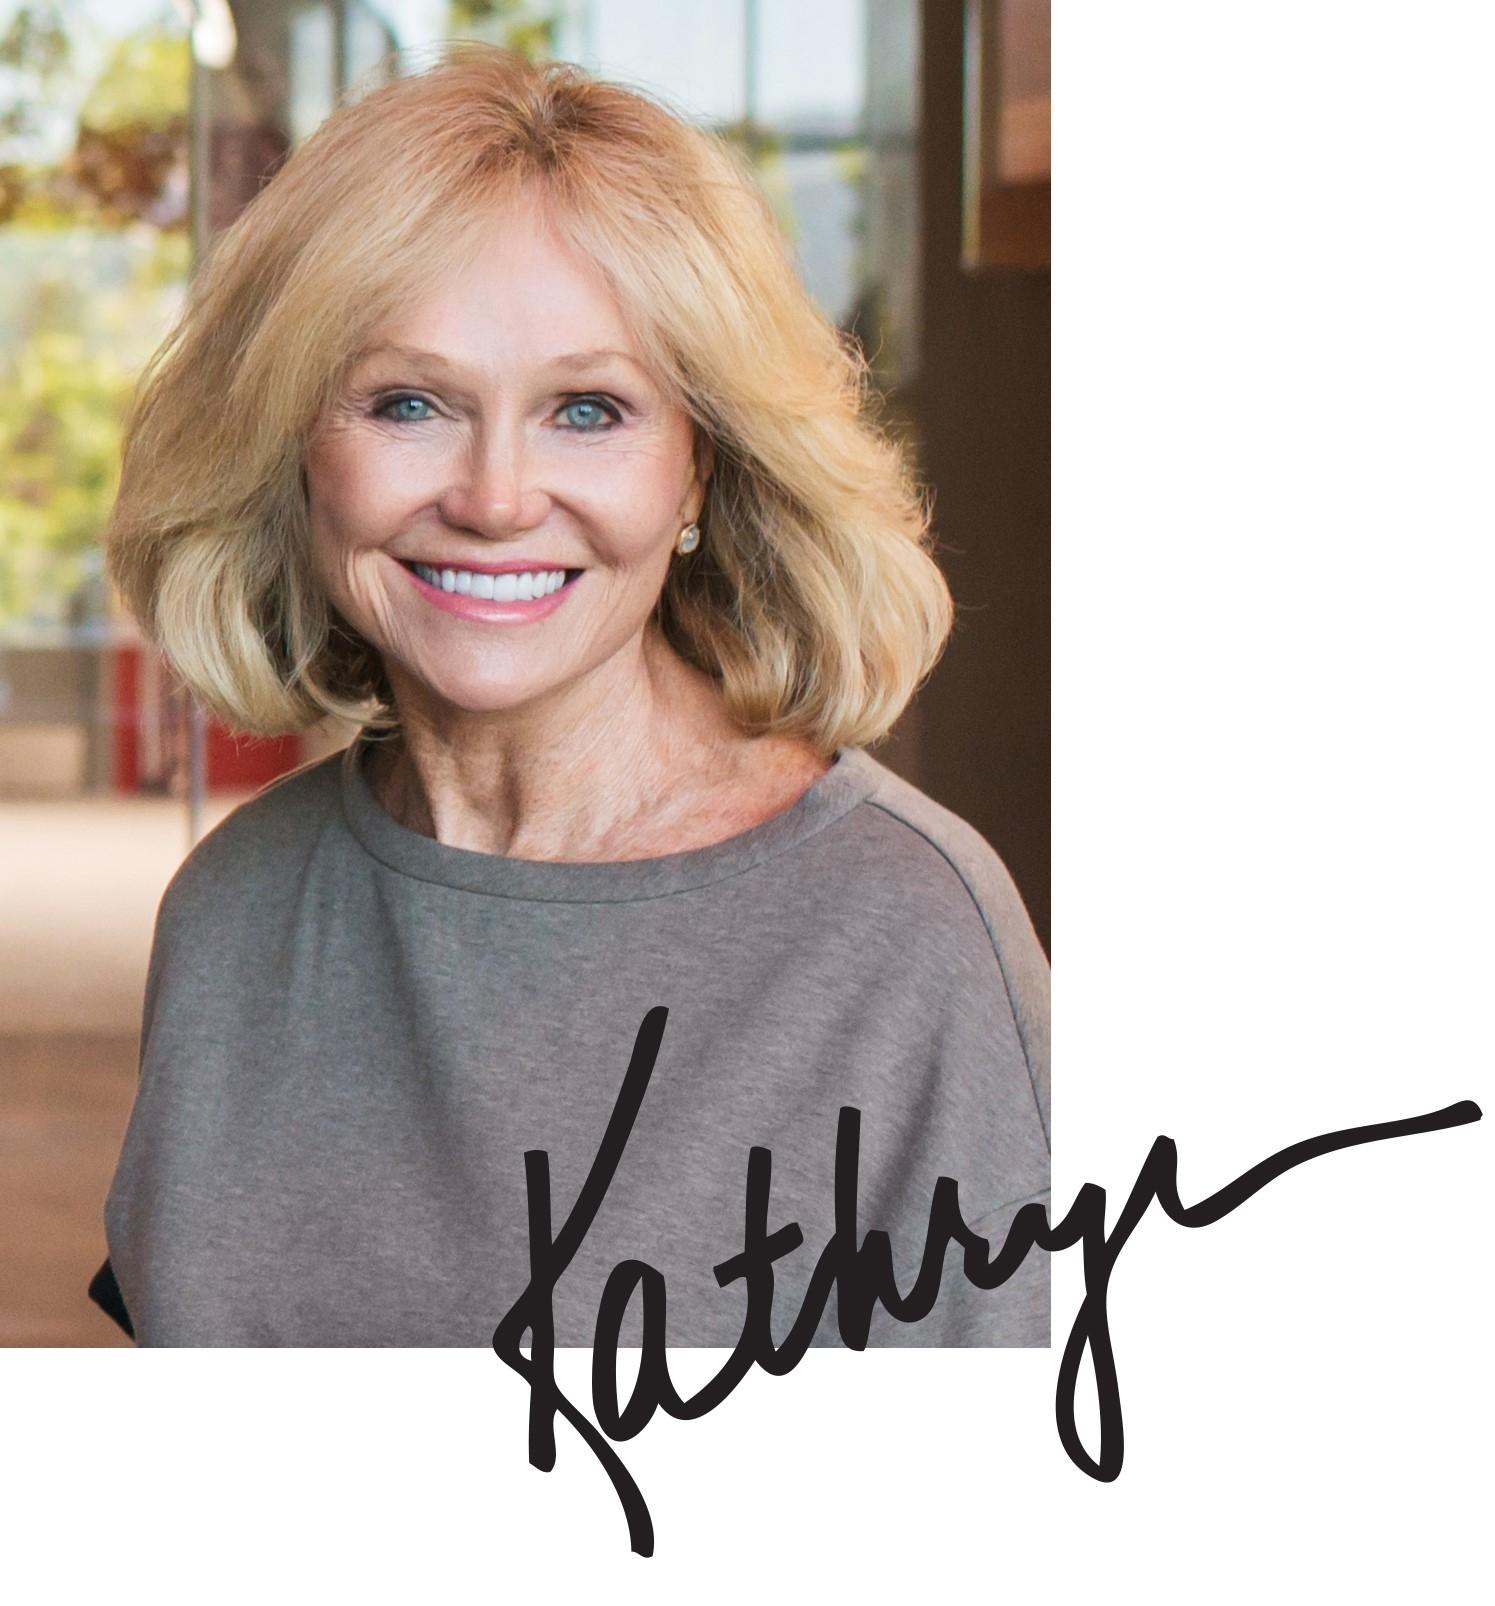 Kathryn Hall Signature